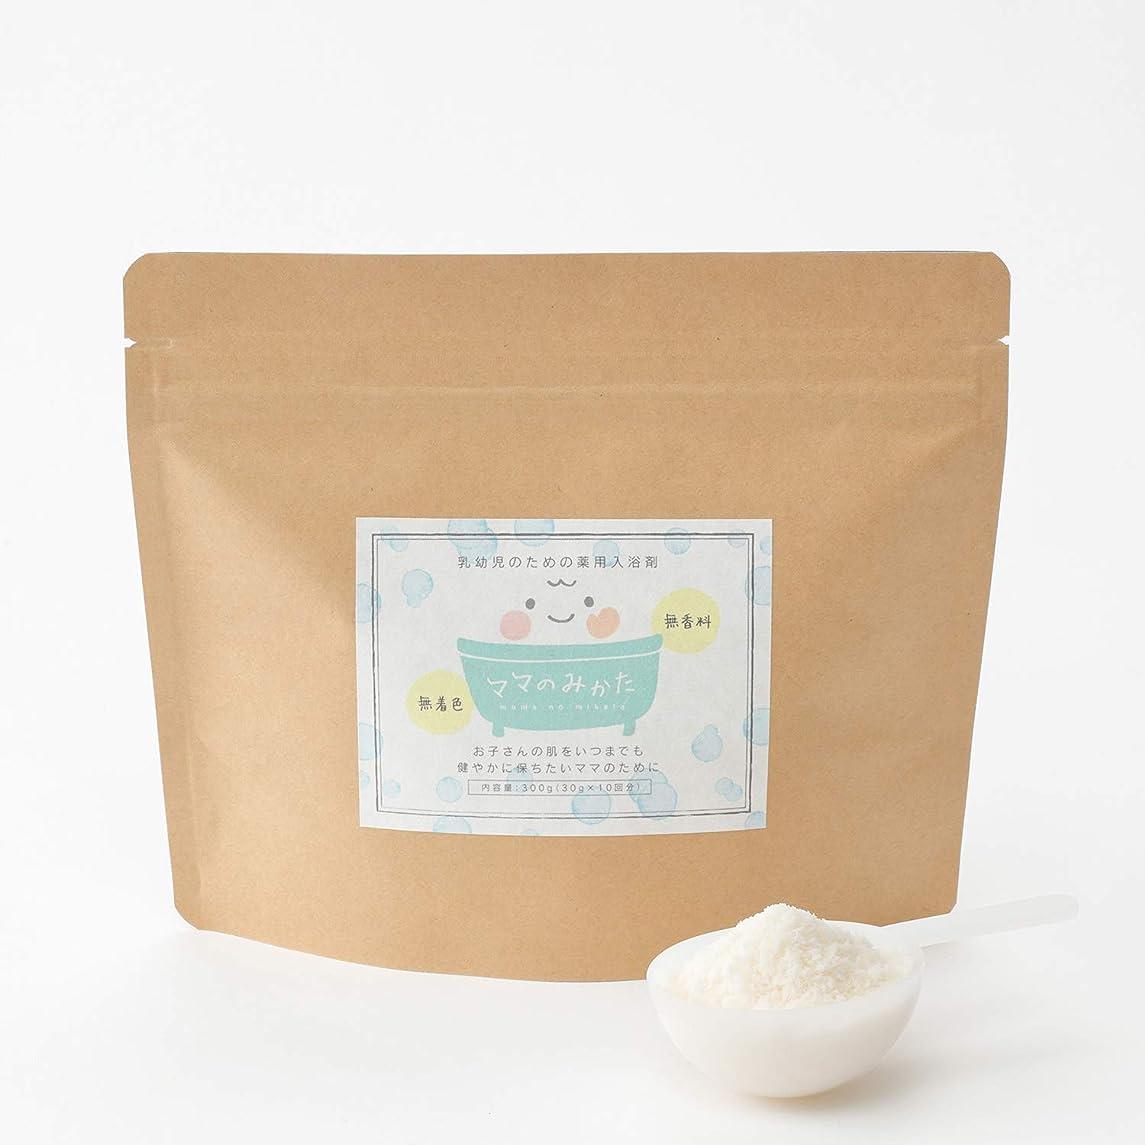 市場化学ヤングママのみかた入浴剤 300g 薬用入浴剤 無香料?無着色 肌のデリケートな乳幼児用 海洋深層水と天然植物成分